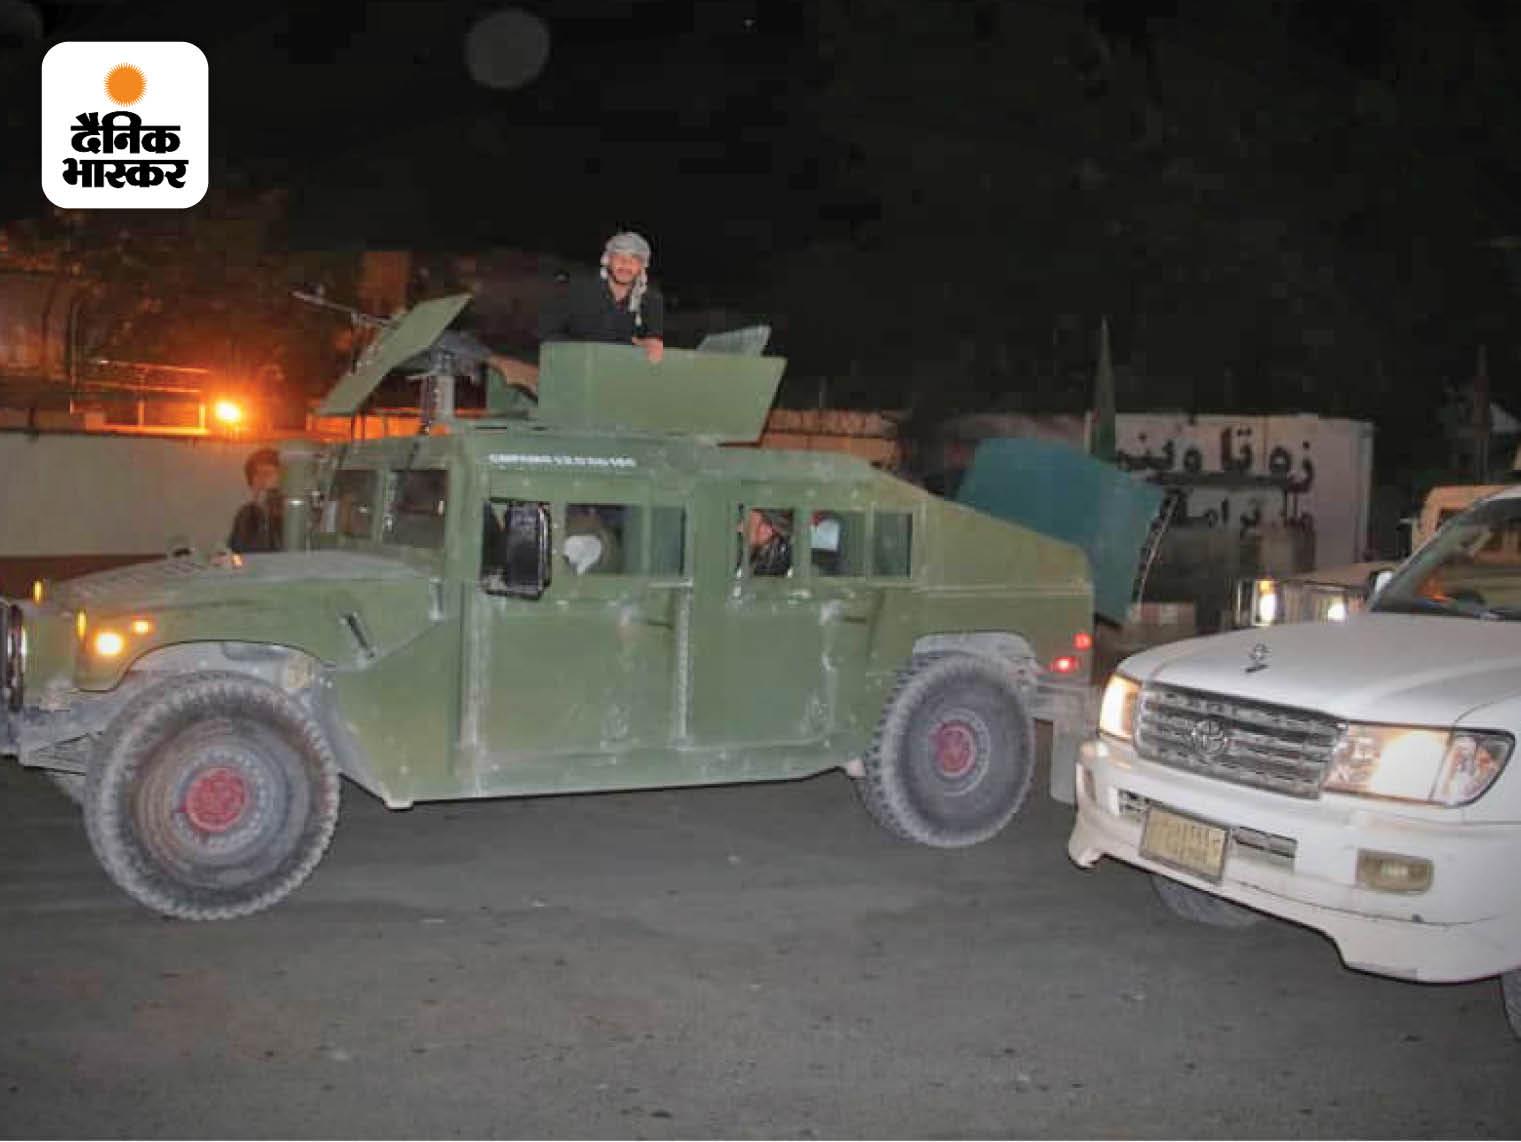 कंधार, काबुल और मजार ए शरीफ सहित अफगानिस्तान के लगभग हर शहर में सड़कों पर बख्तरबंद गाड़ियां नजर आने लगी हैं। इस पर सवार होकर तालिबानी लड़ाके शहर में घूमते हैं।